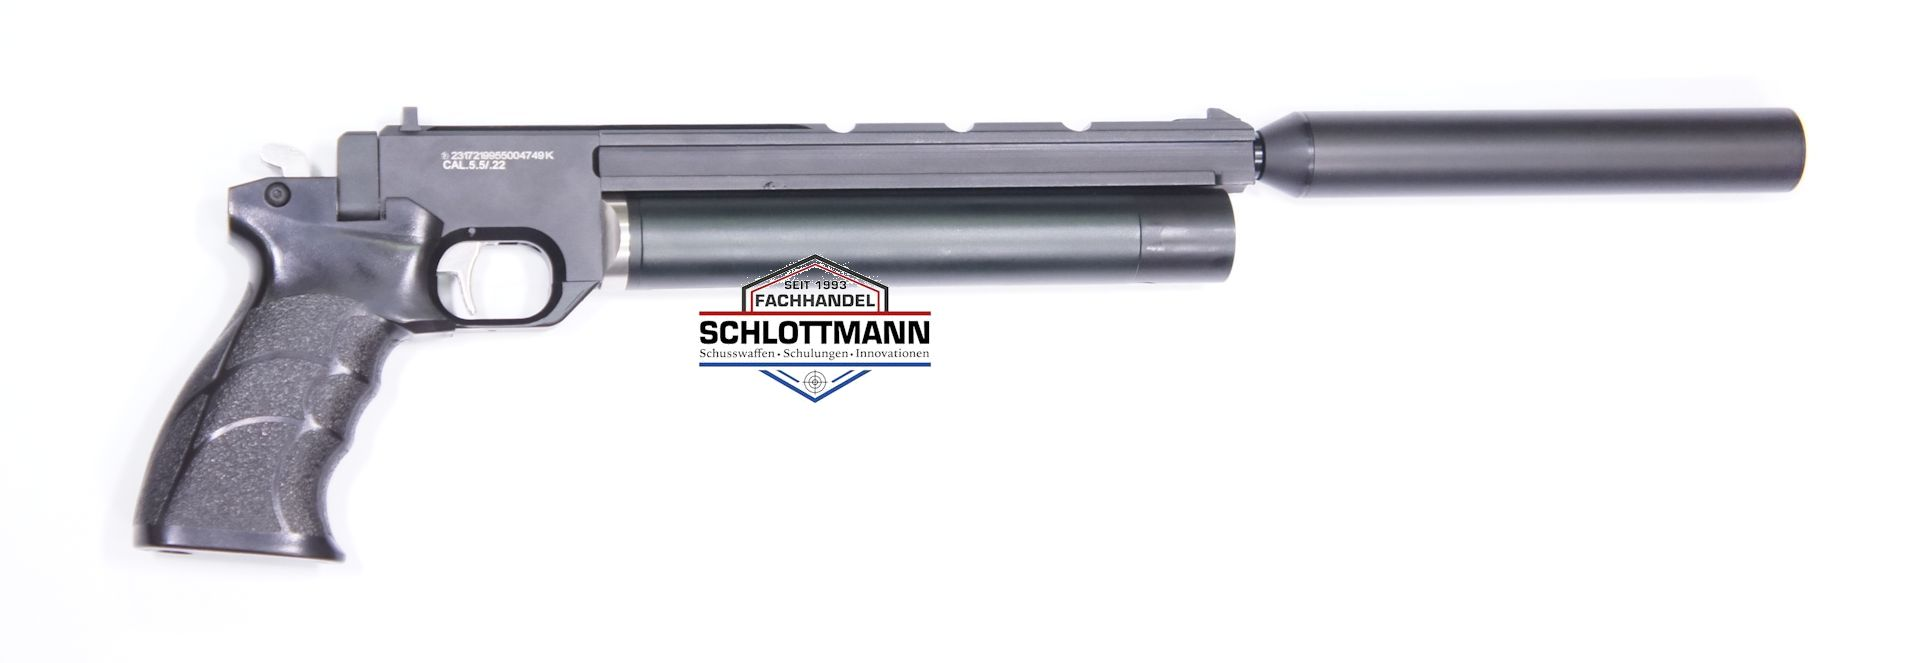 WASP Schalldämpfer Mk1 im Montagebeispiel  mit Luftpistole Artemis PP700S